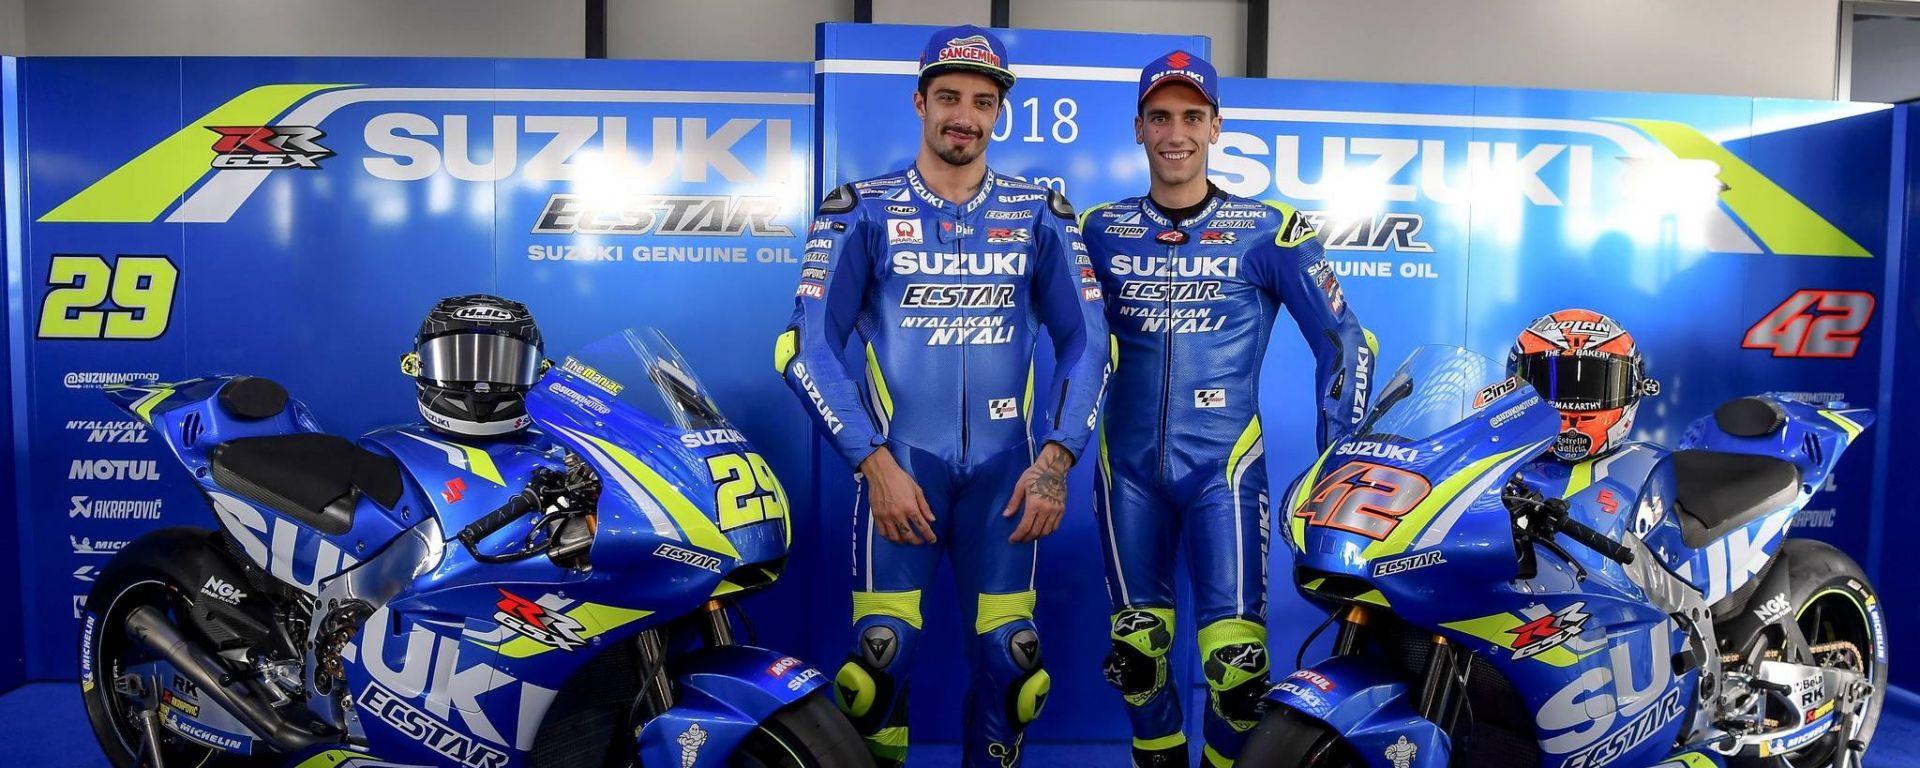 Team Suzuki Ecstar 2018